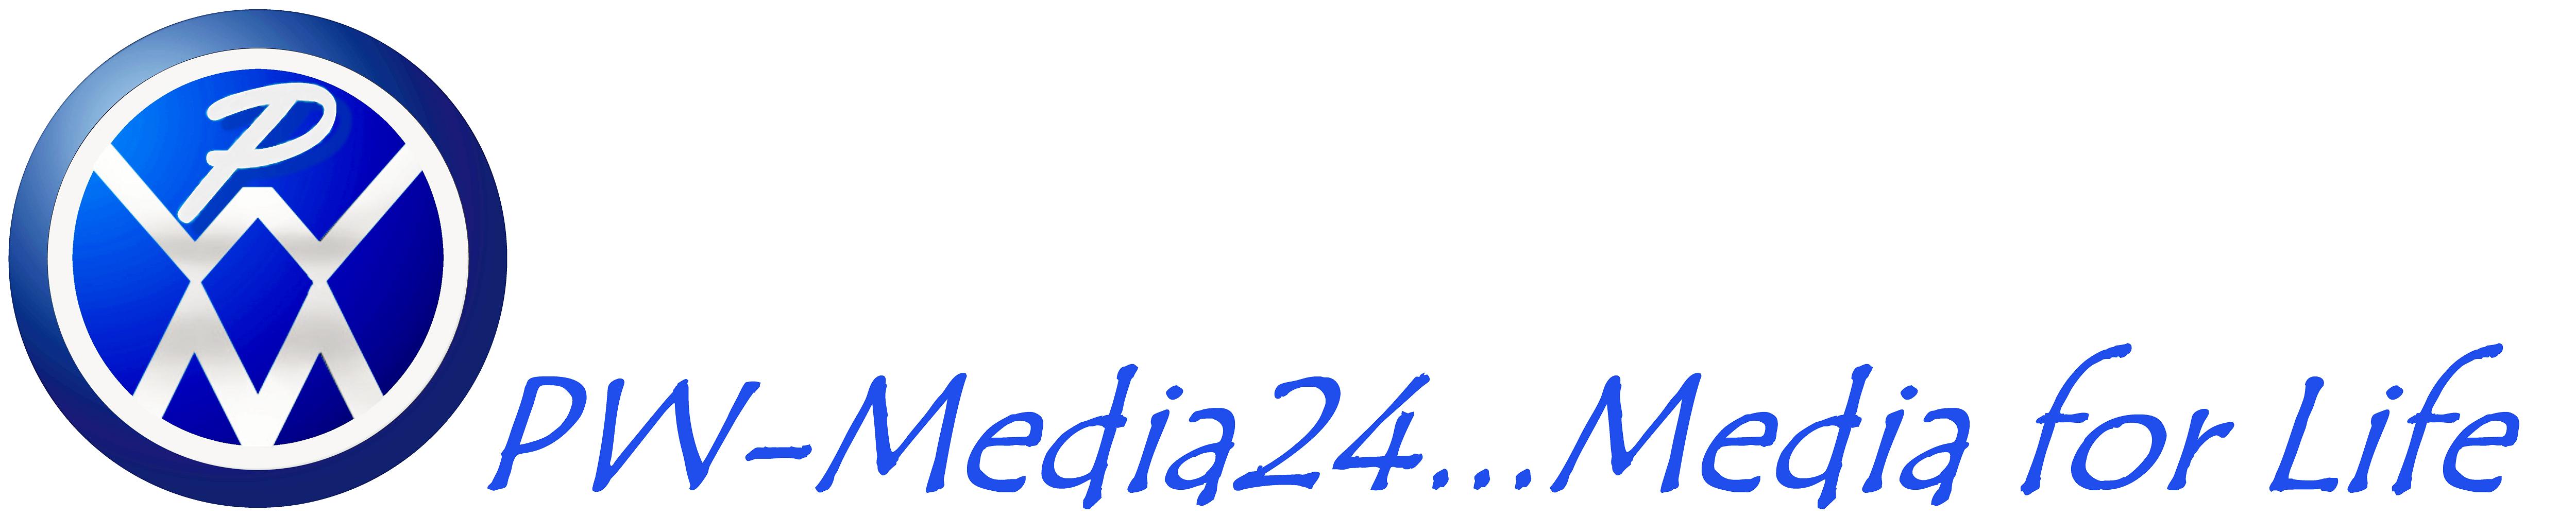 PW-Media24